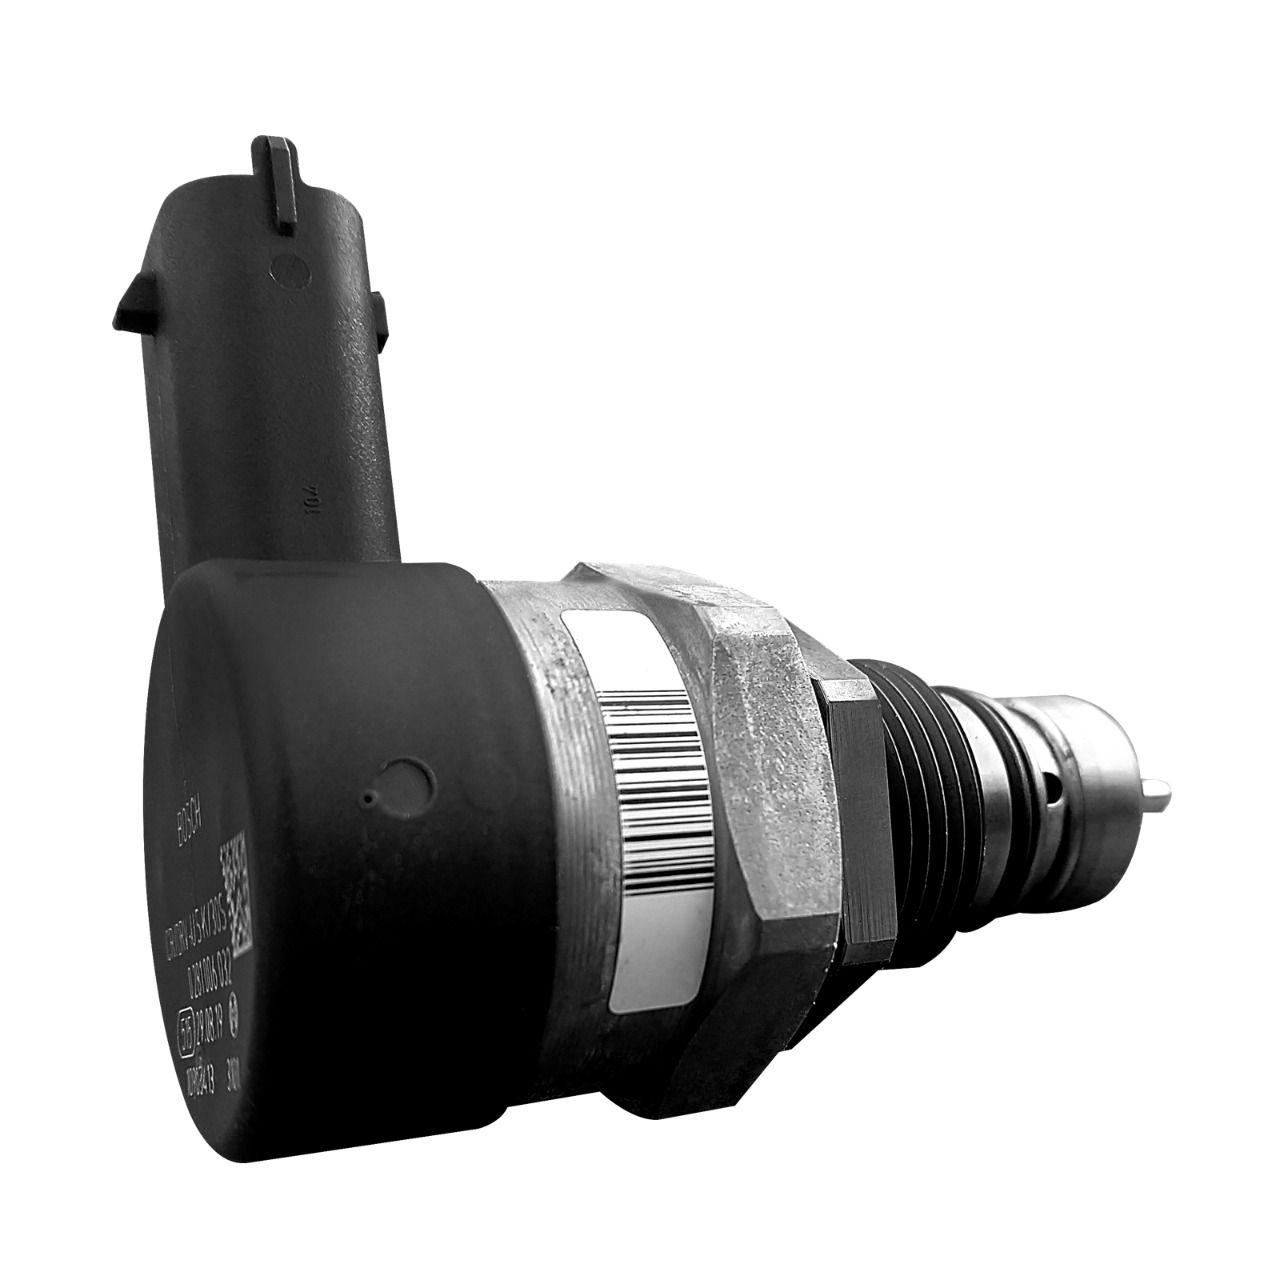 Valvula Reguladora Tubo Distribuidor Iveco  35S14 / 45C17 / 55C17 / 70C17 3.0 16v Ecoline Euro V Ano  2012 a 2018